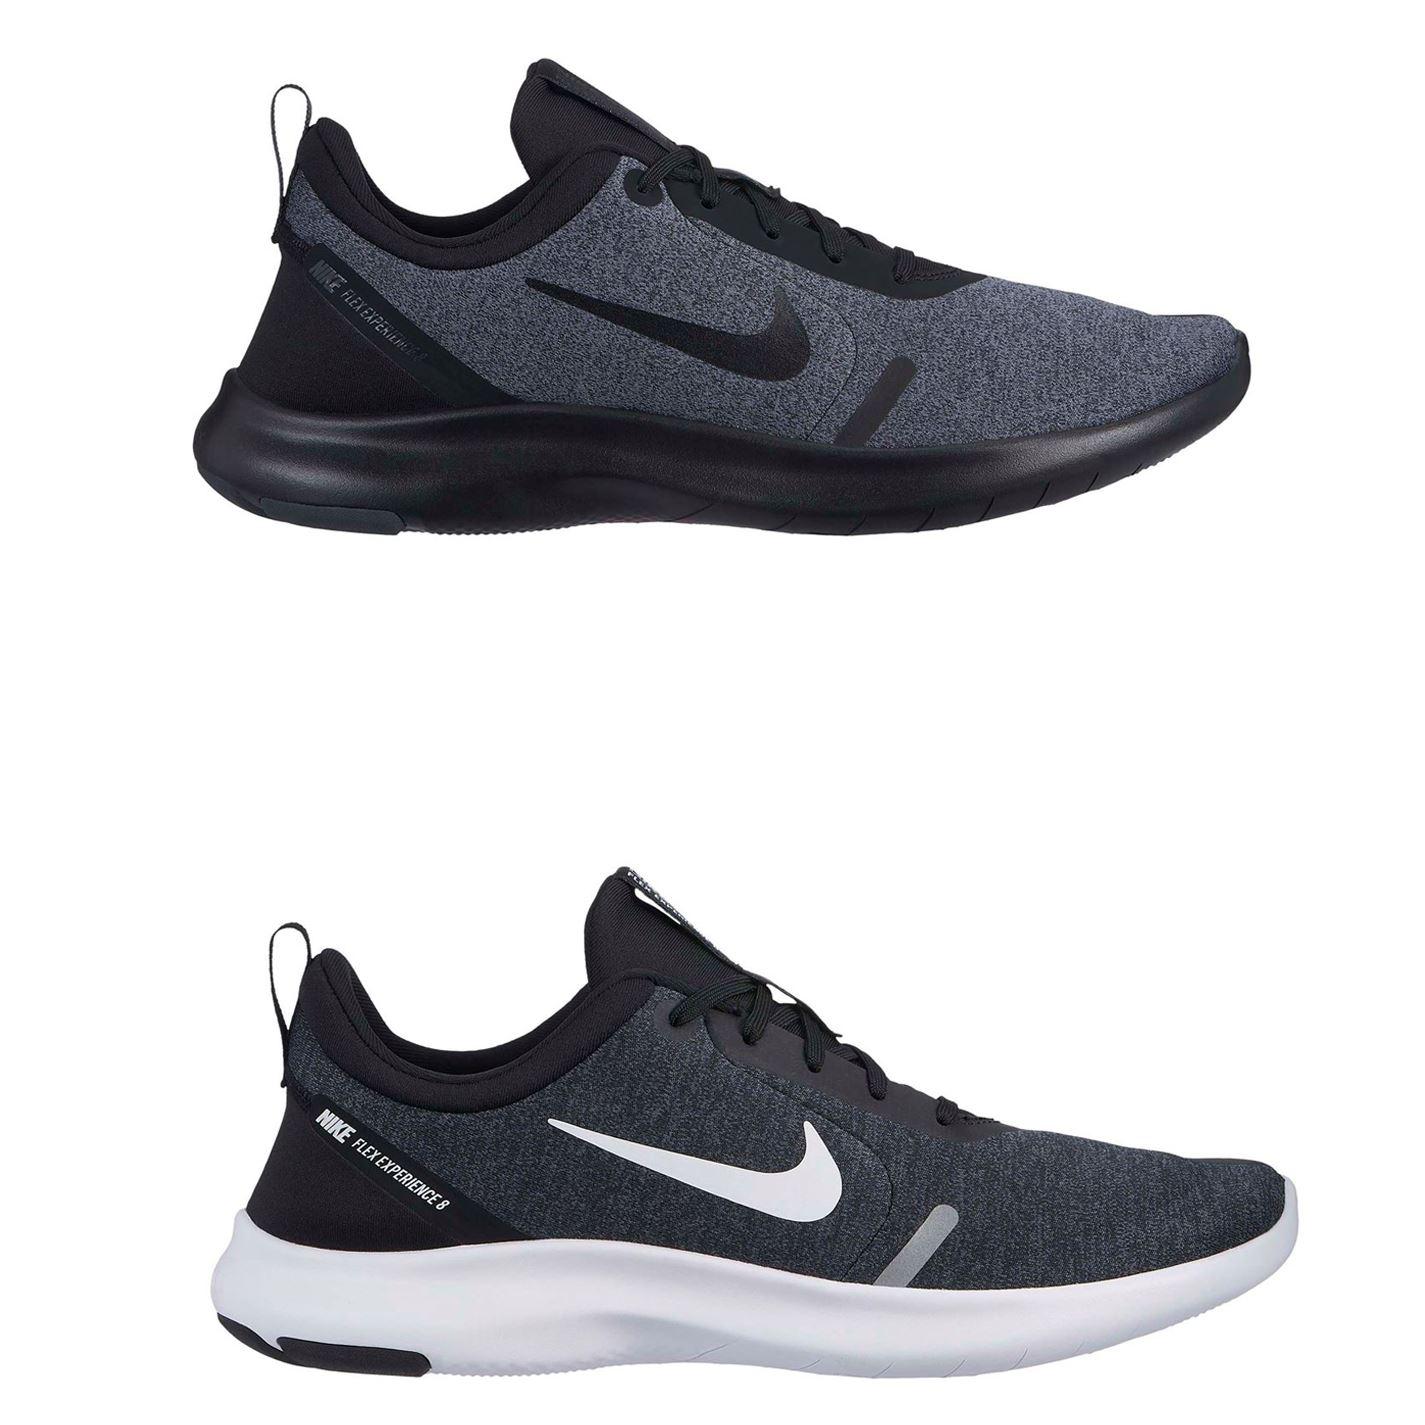 Dettagli su Nike Elastico Esperienza 8 Scarpe Sportive Uomo Corsa Calzature da Ginnastica